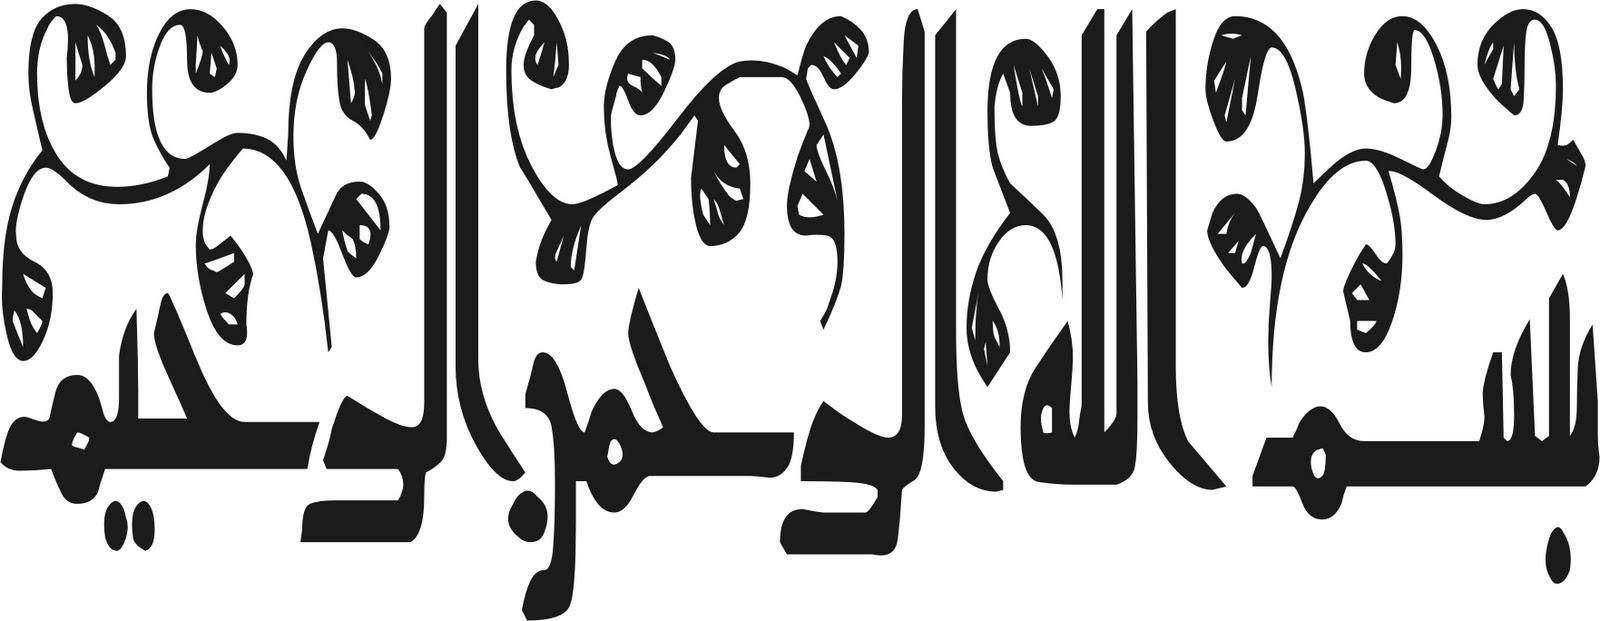 Kumpulan Gambar Kaligrafi Bismillah Yang Indah Dan Bagus